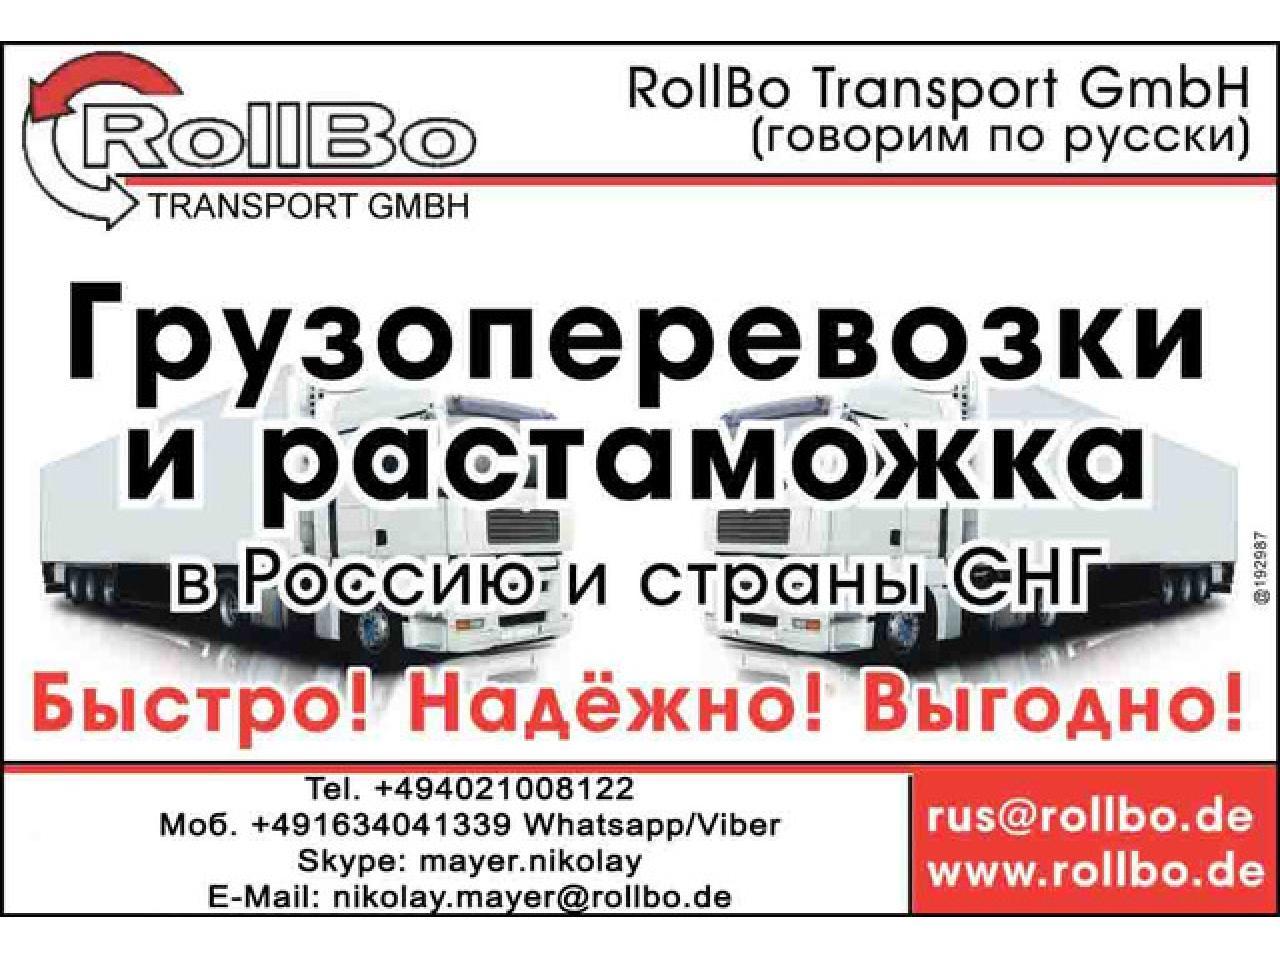 Доставка и растаможка грузов из Великобритании в Россию, СНГ. Переезды на ПМЖ - 1